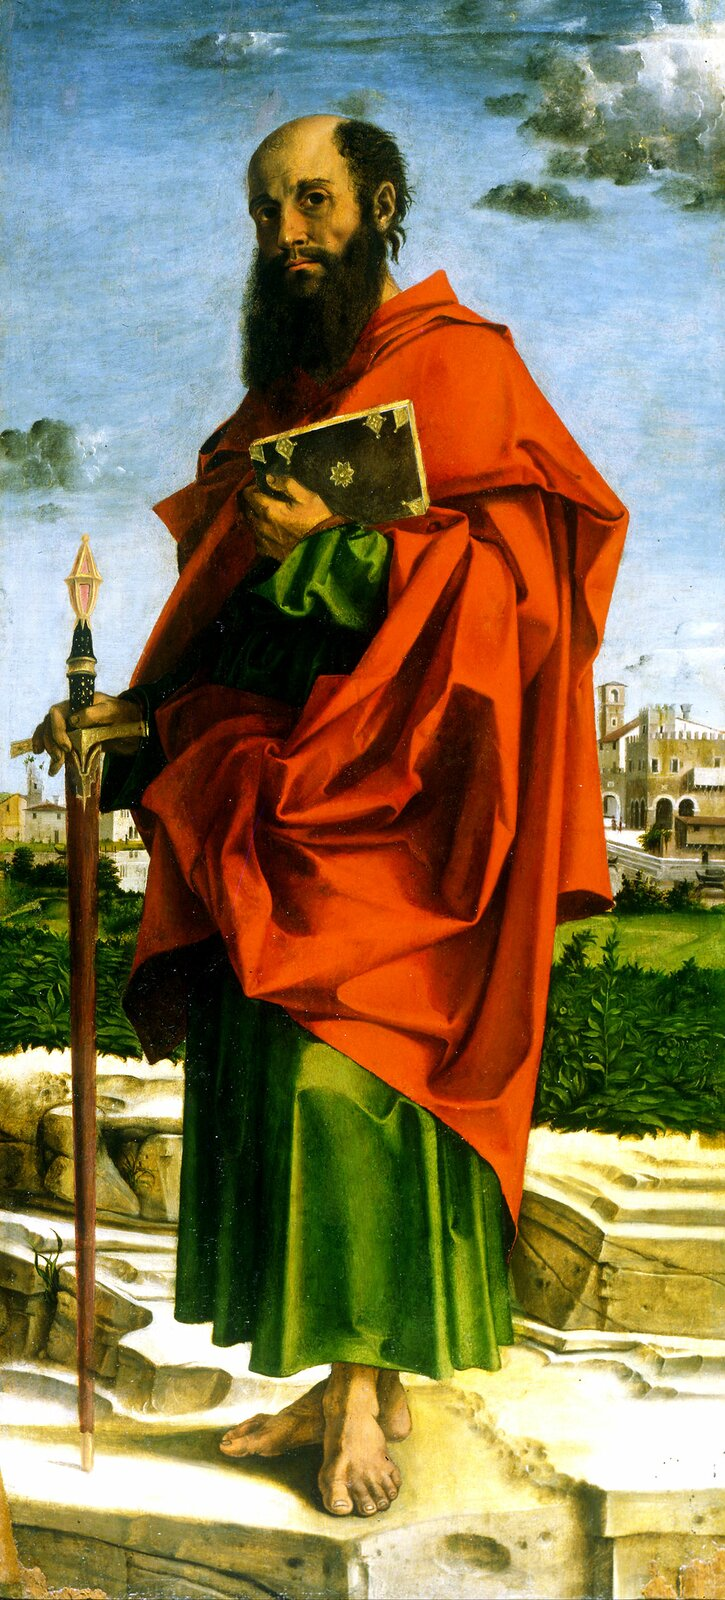 Mężczyzna ubrany wczerwono-zieloną szatę, zlaską wjednej ręce, aksięgą wdrugiej ręce stoi na skałach na tle zabudowań miasta woddali.